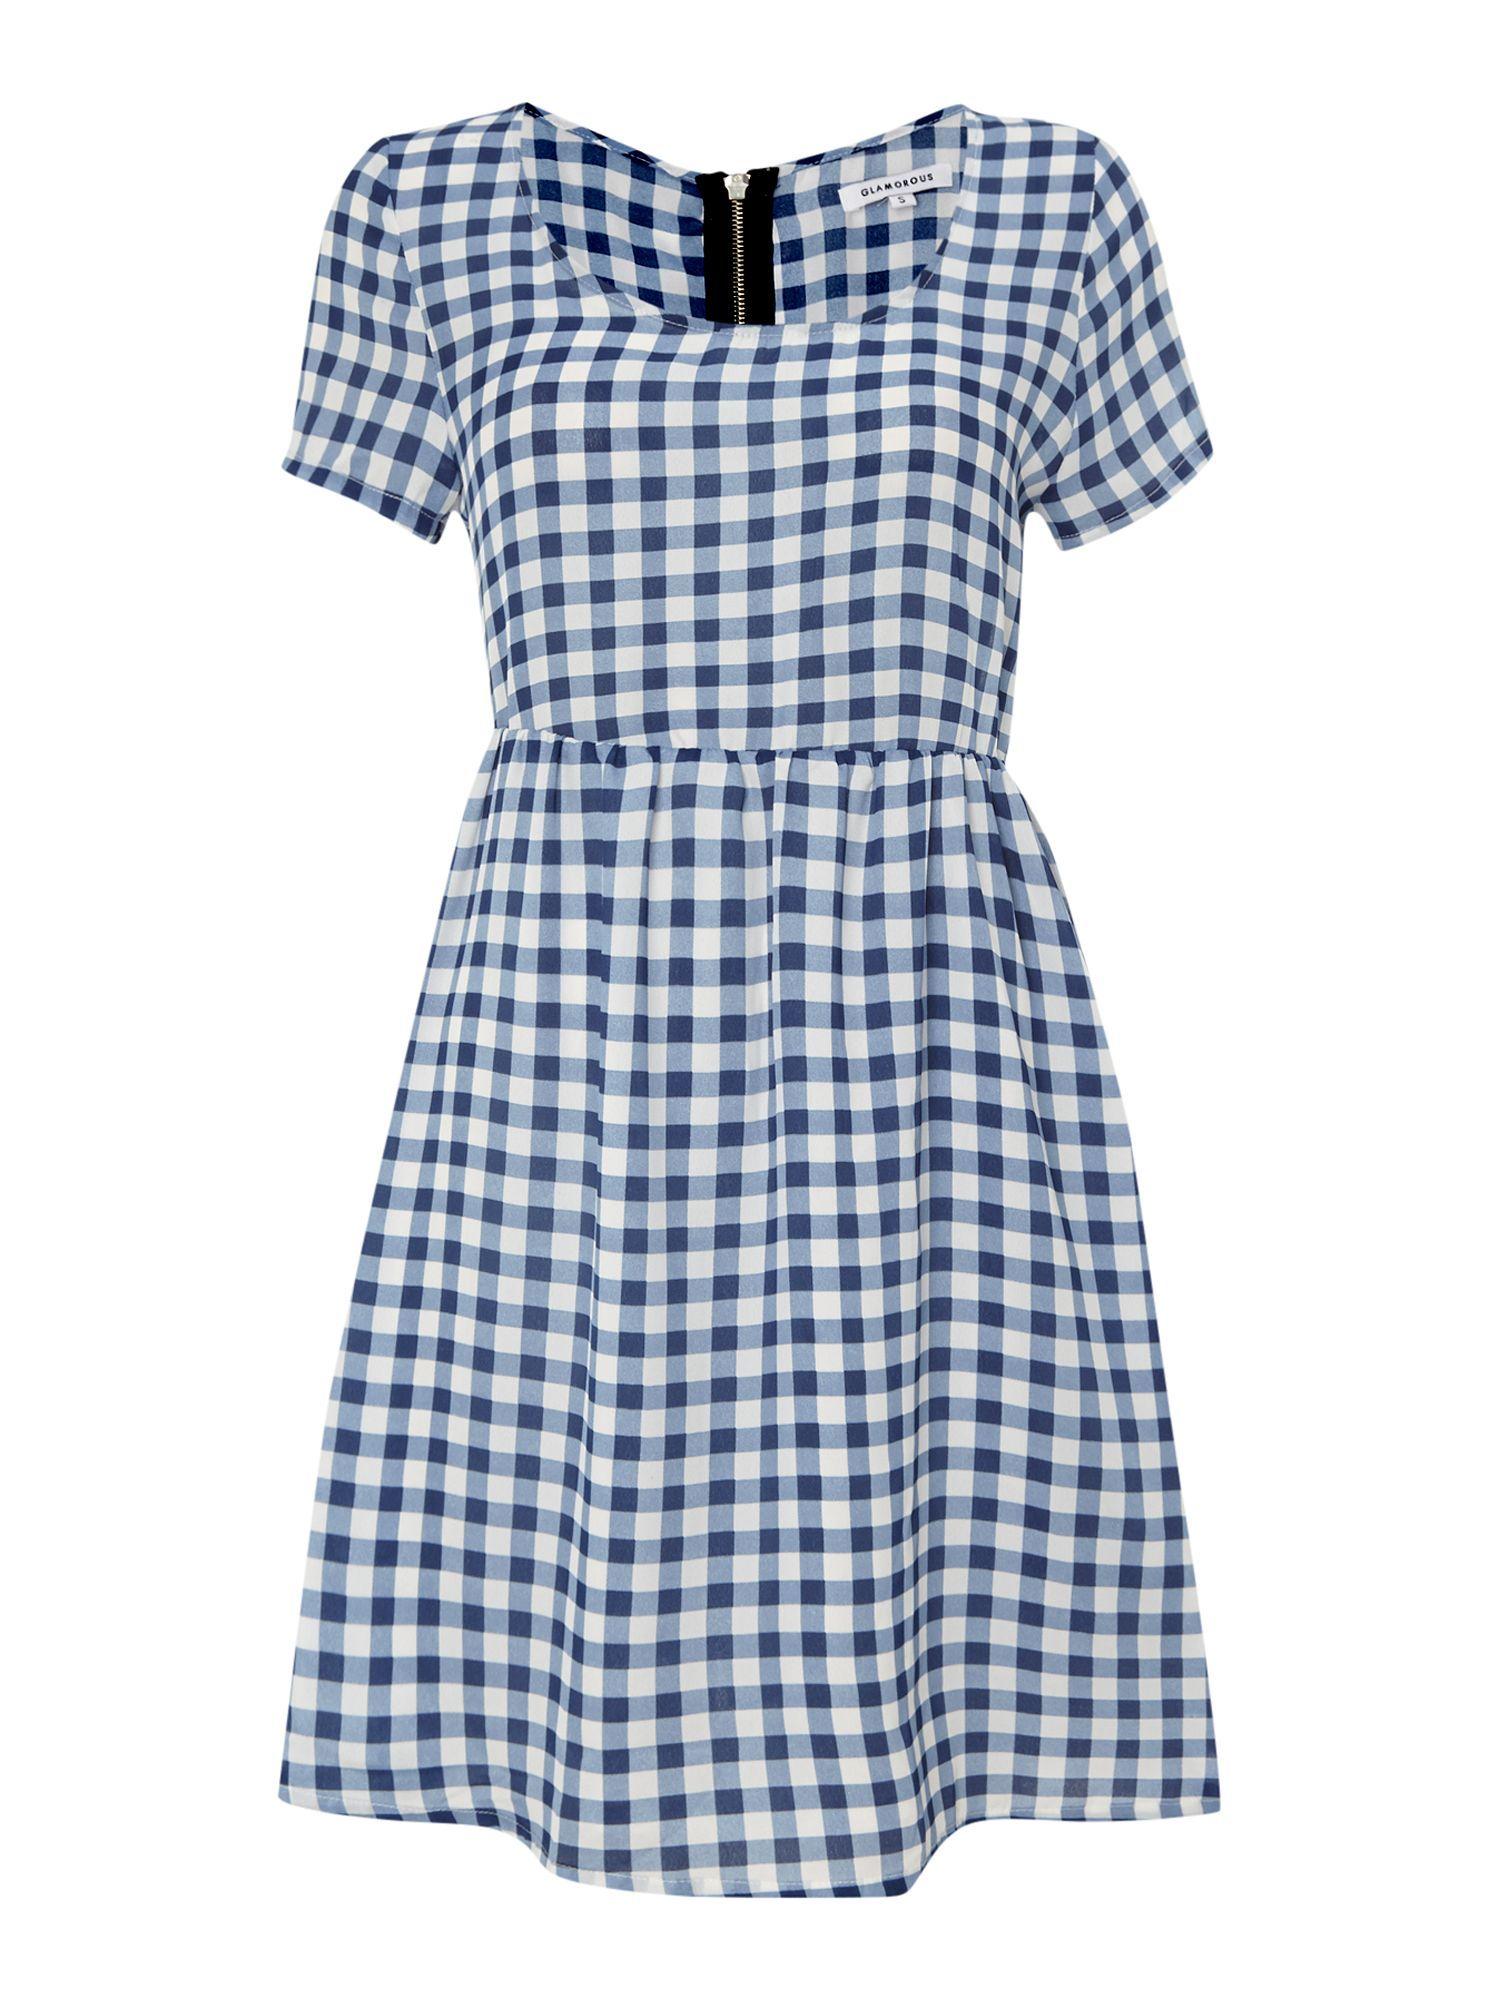 House of Fraser Glamorous Short Sleeved Gingham Swing Dress, $13; houseoffraser.co.uk     - ELLE.com